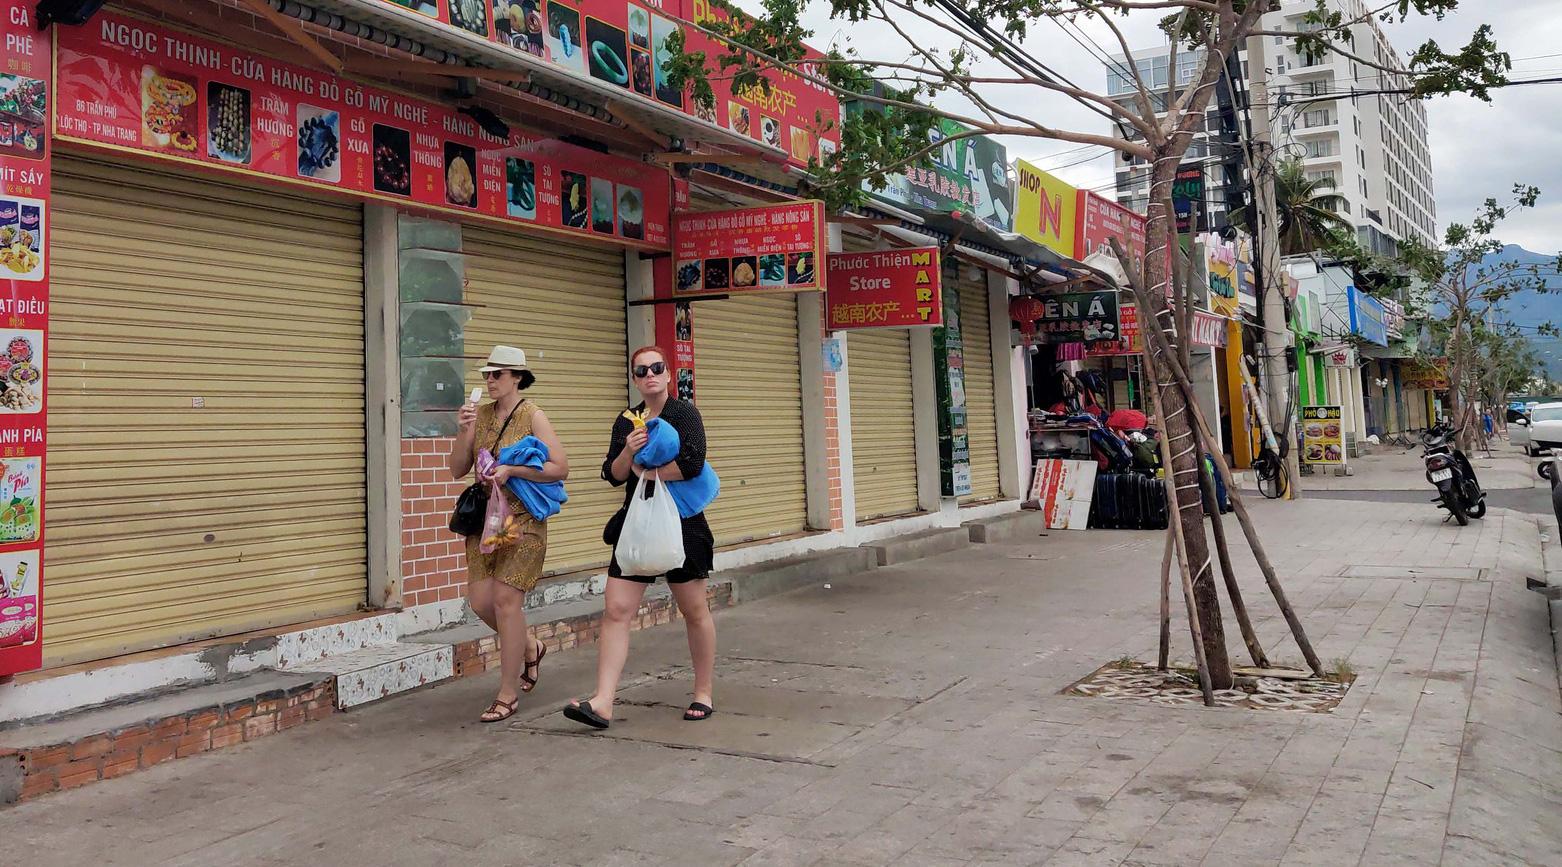 Dịch Covid: Cơ hội chuẩn hóa đón luồng khách mới đến thị trường Nha Trang - Khánh Hòa - Ảnh 2.